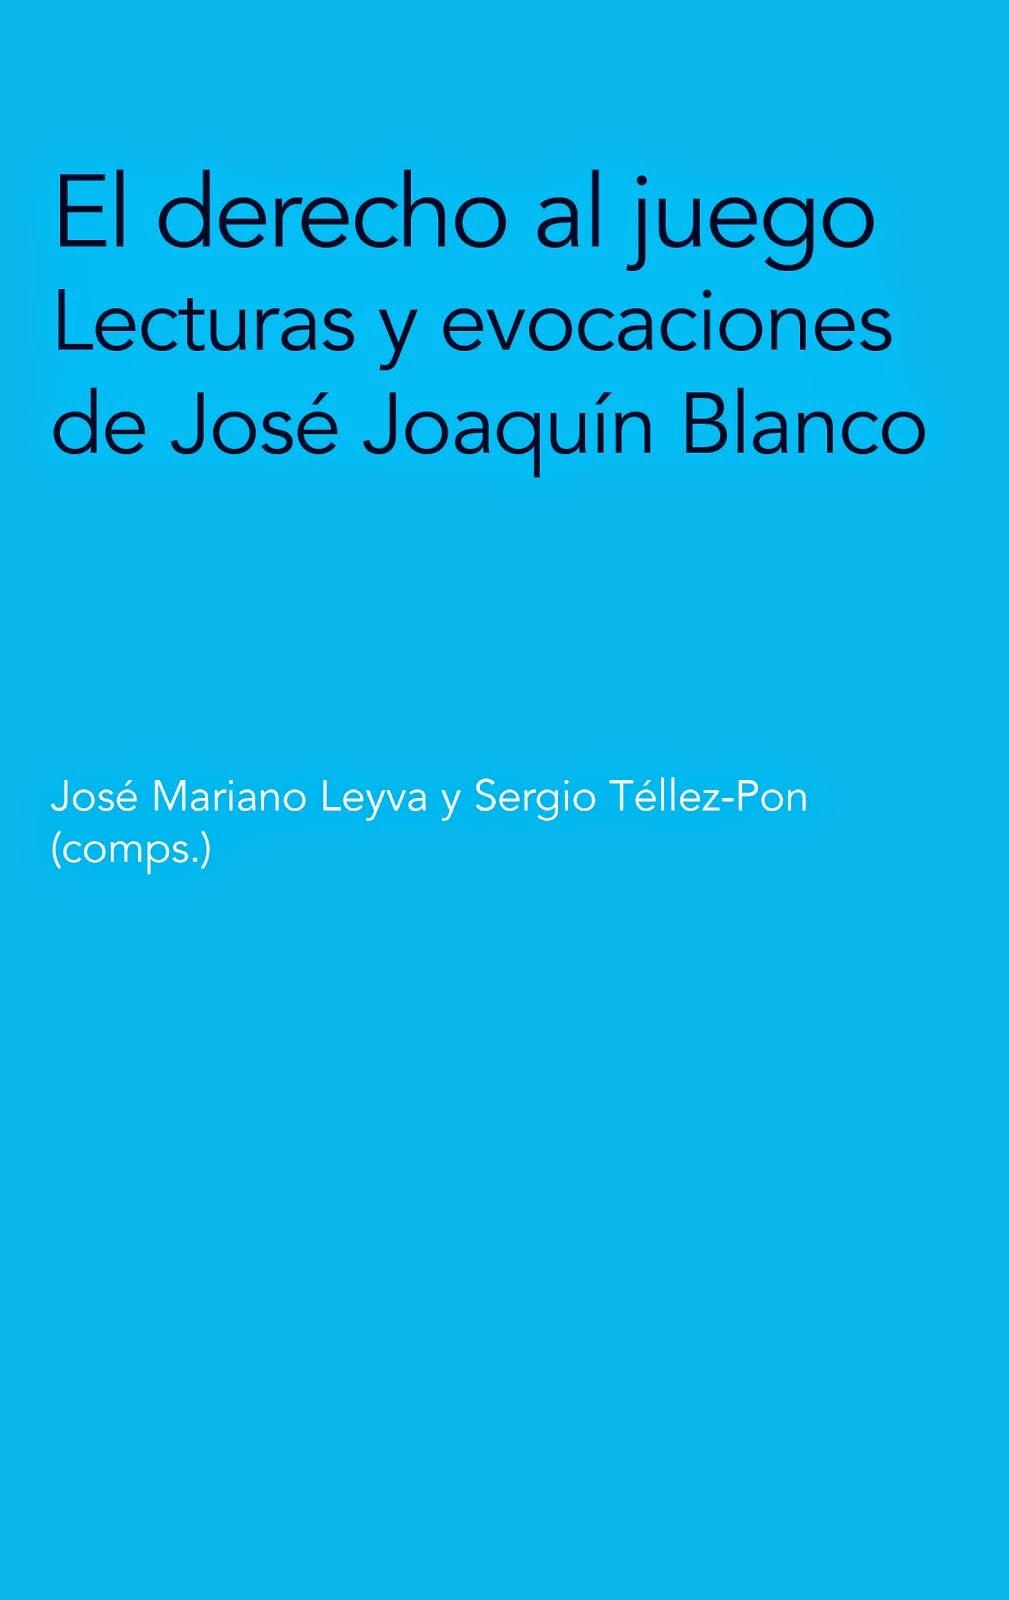 JOSÉ MARIANO LEYVA Y SERGIO TÉLLEZ PON: EL DERECHO AL JUEGO